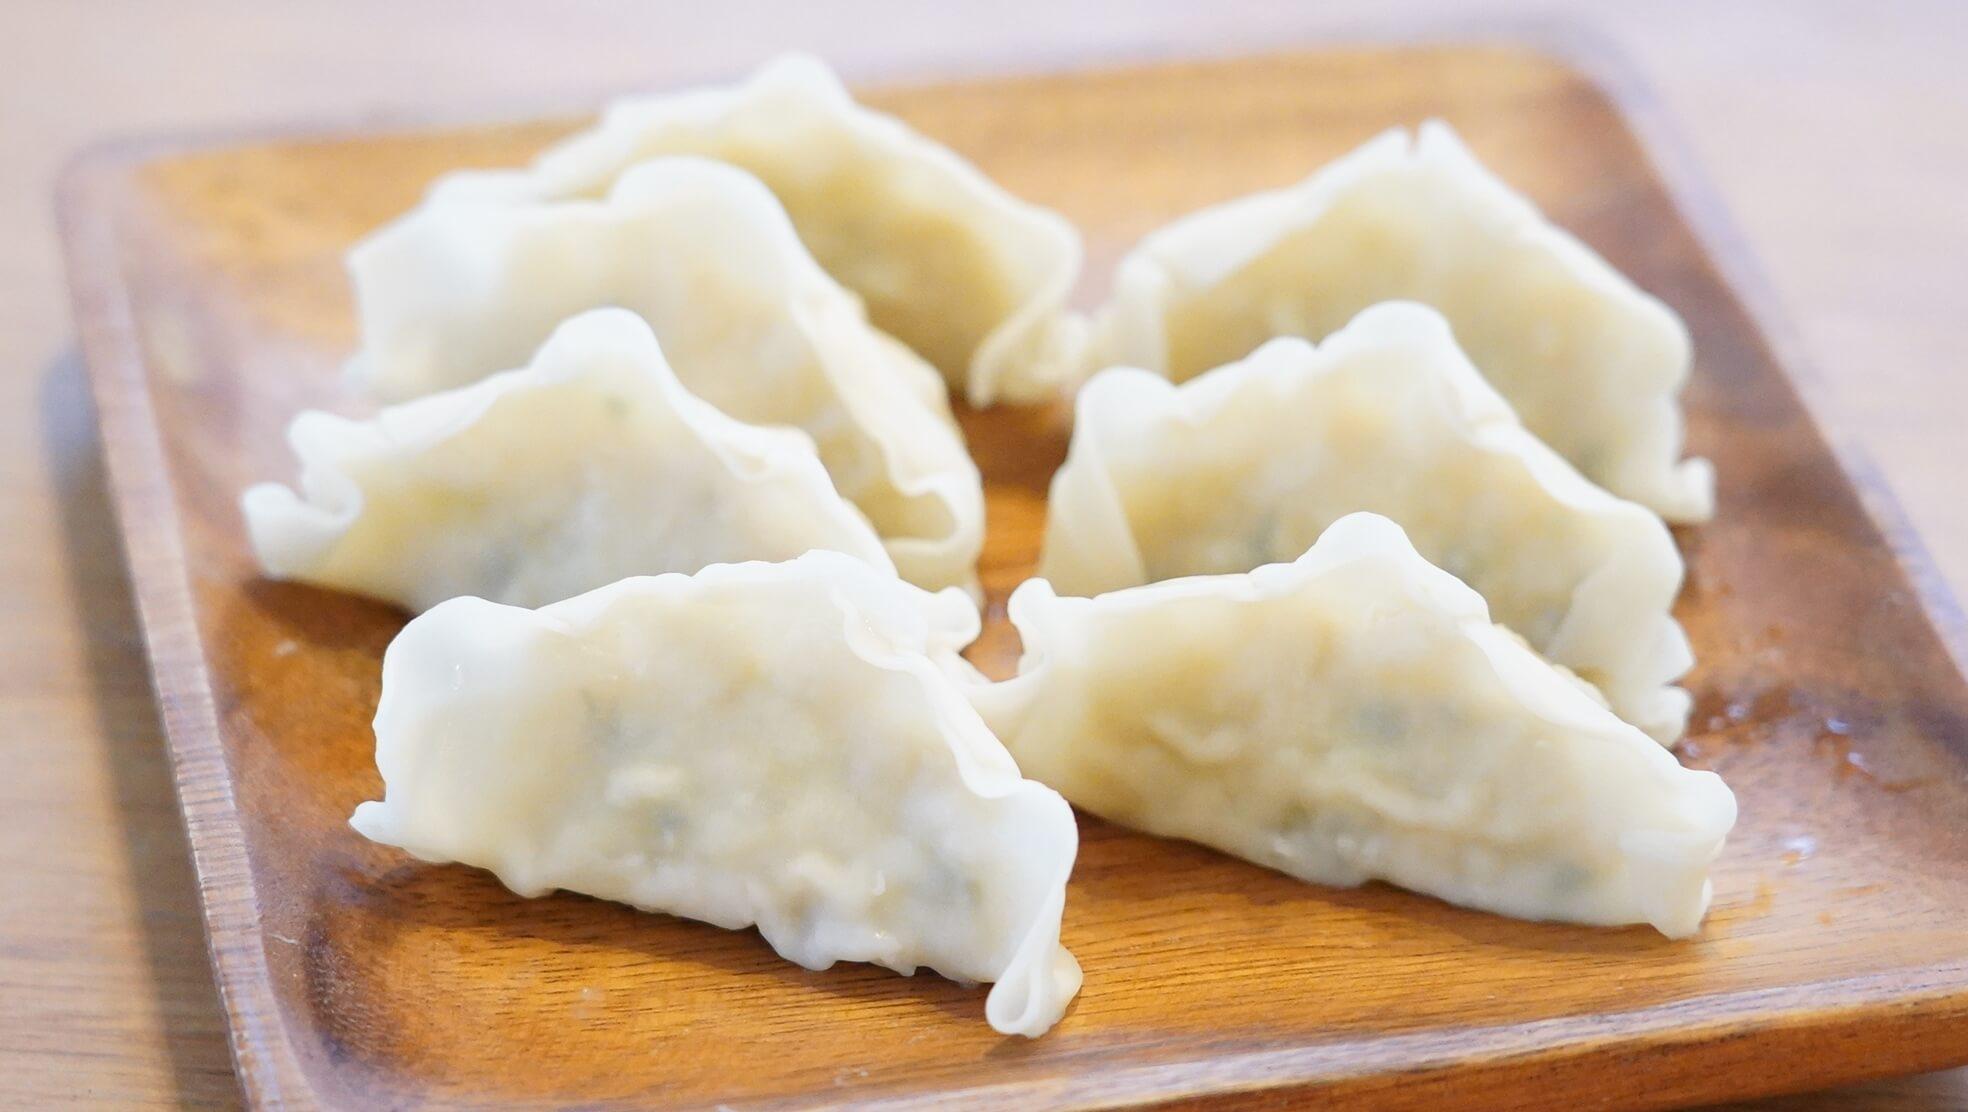 冷凍食品「マッスル餃子」を皿に盛りつけた写真